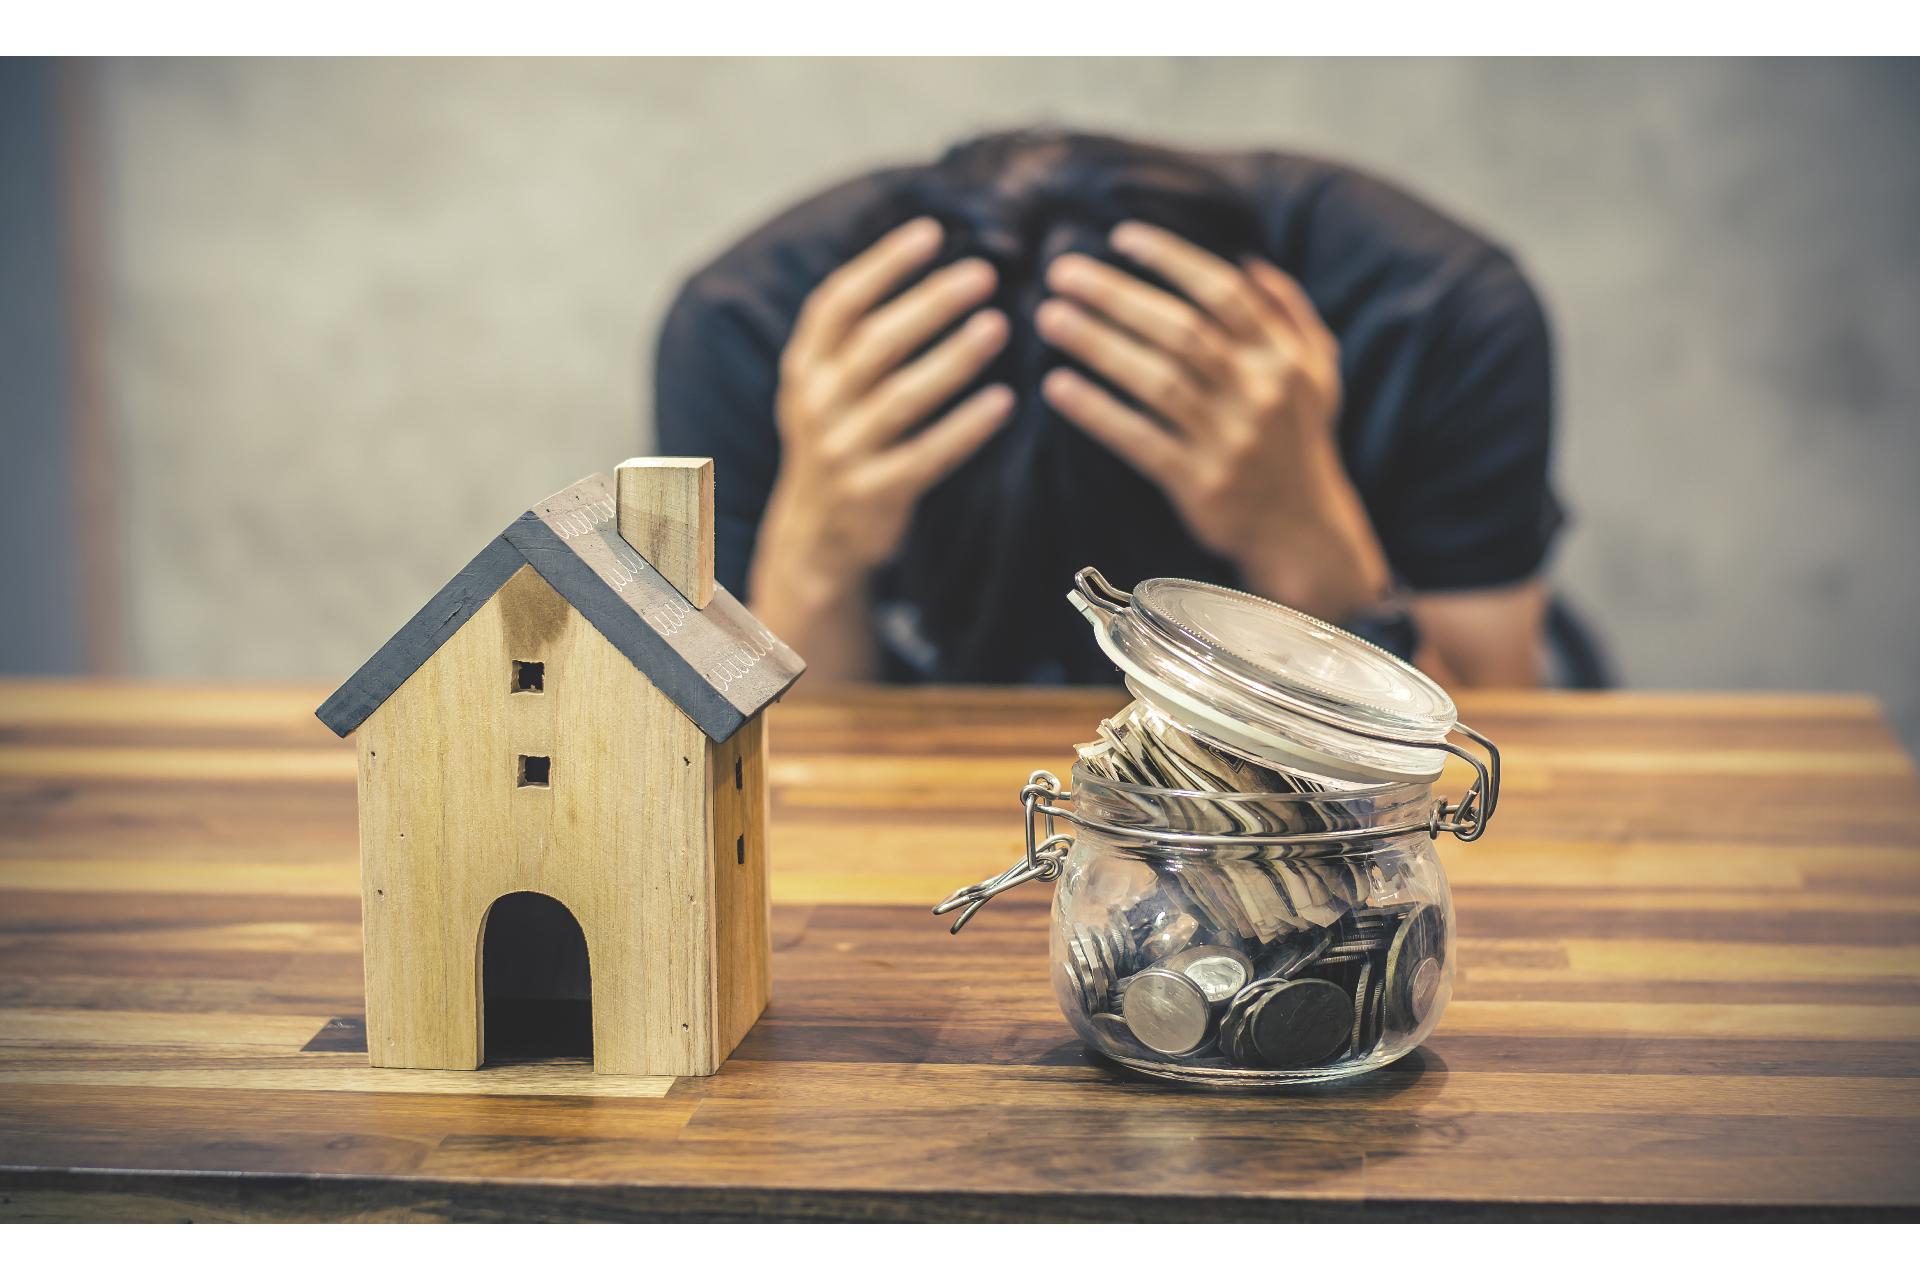 Лишиться квартиры можно не только из-за собственных долгов, но и из-за долгов родственников